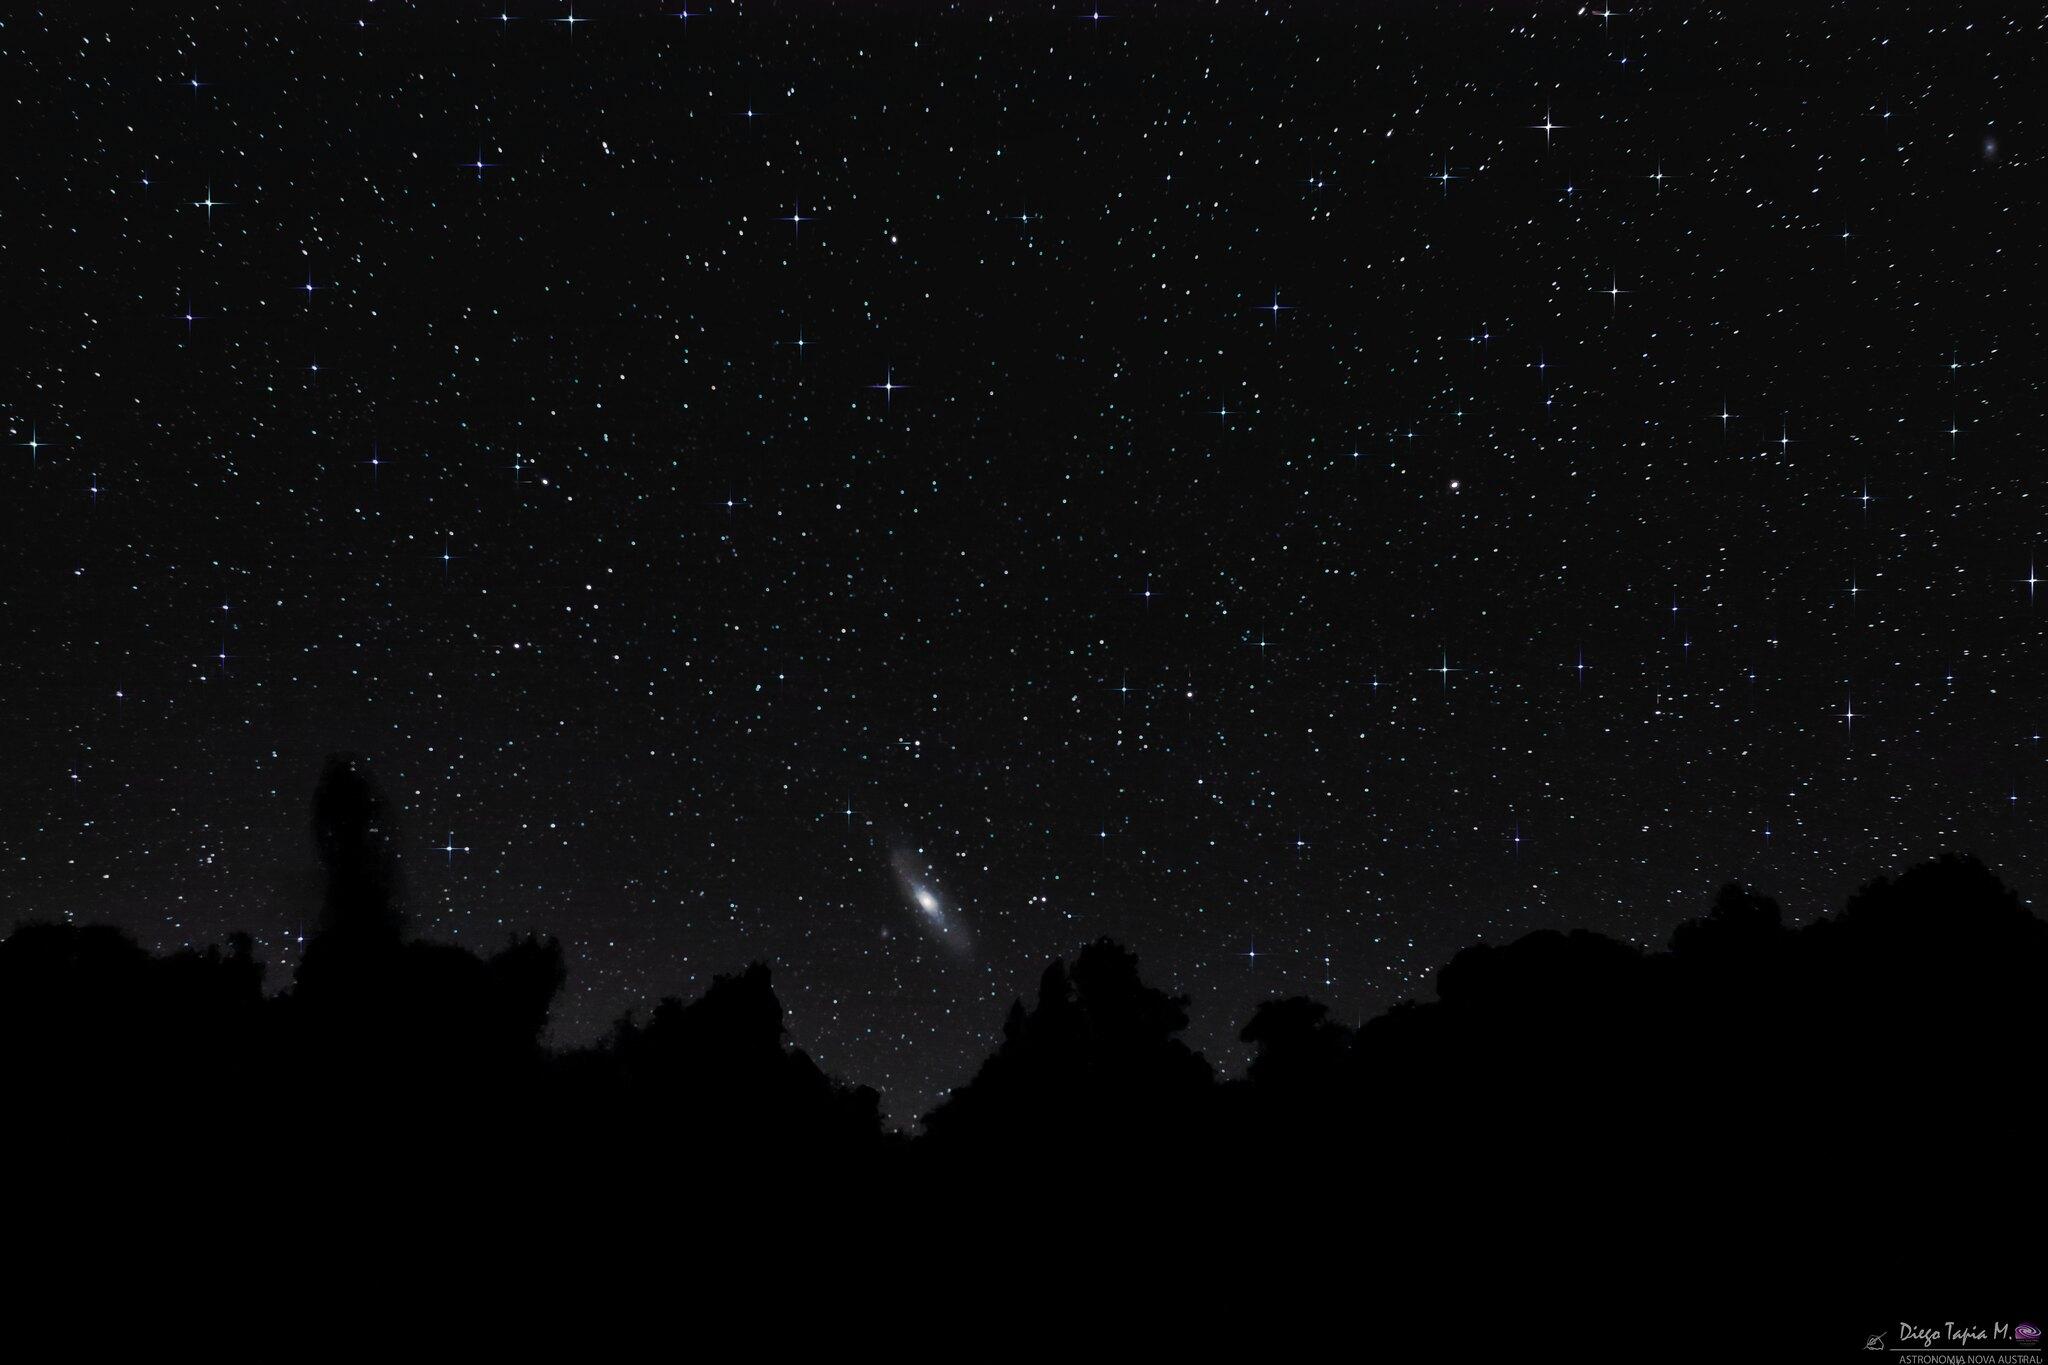 La Galaxia Andrómeda se verá más grande que la Luna llena desde finales de agosto